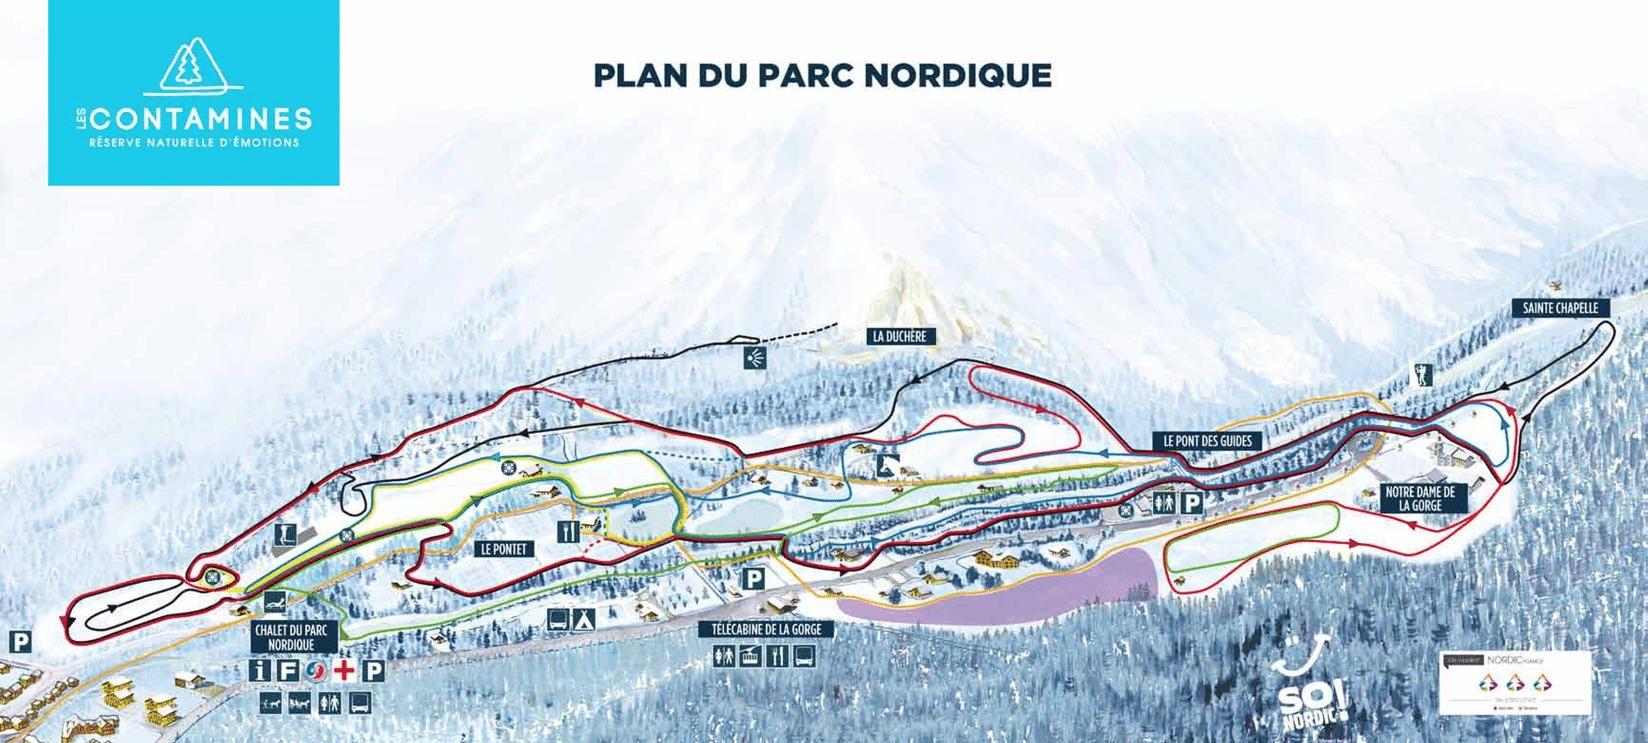 Les Contamines - Plan du domaine nordique